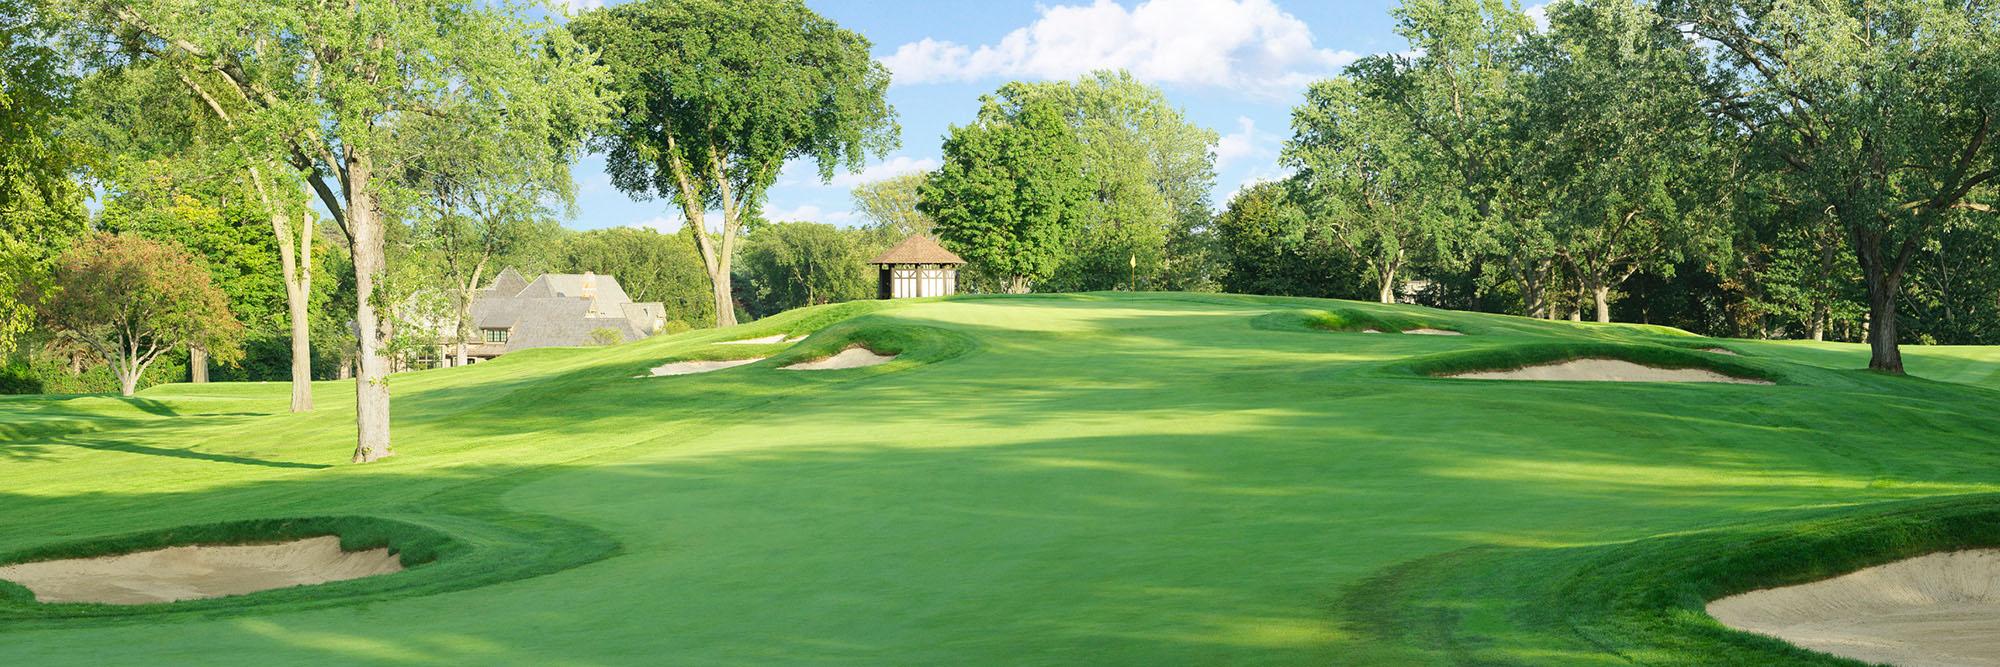 Golf Course Image - Interlachen No. 2